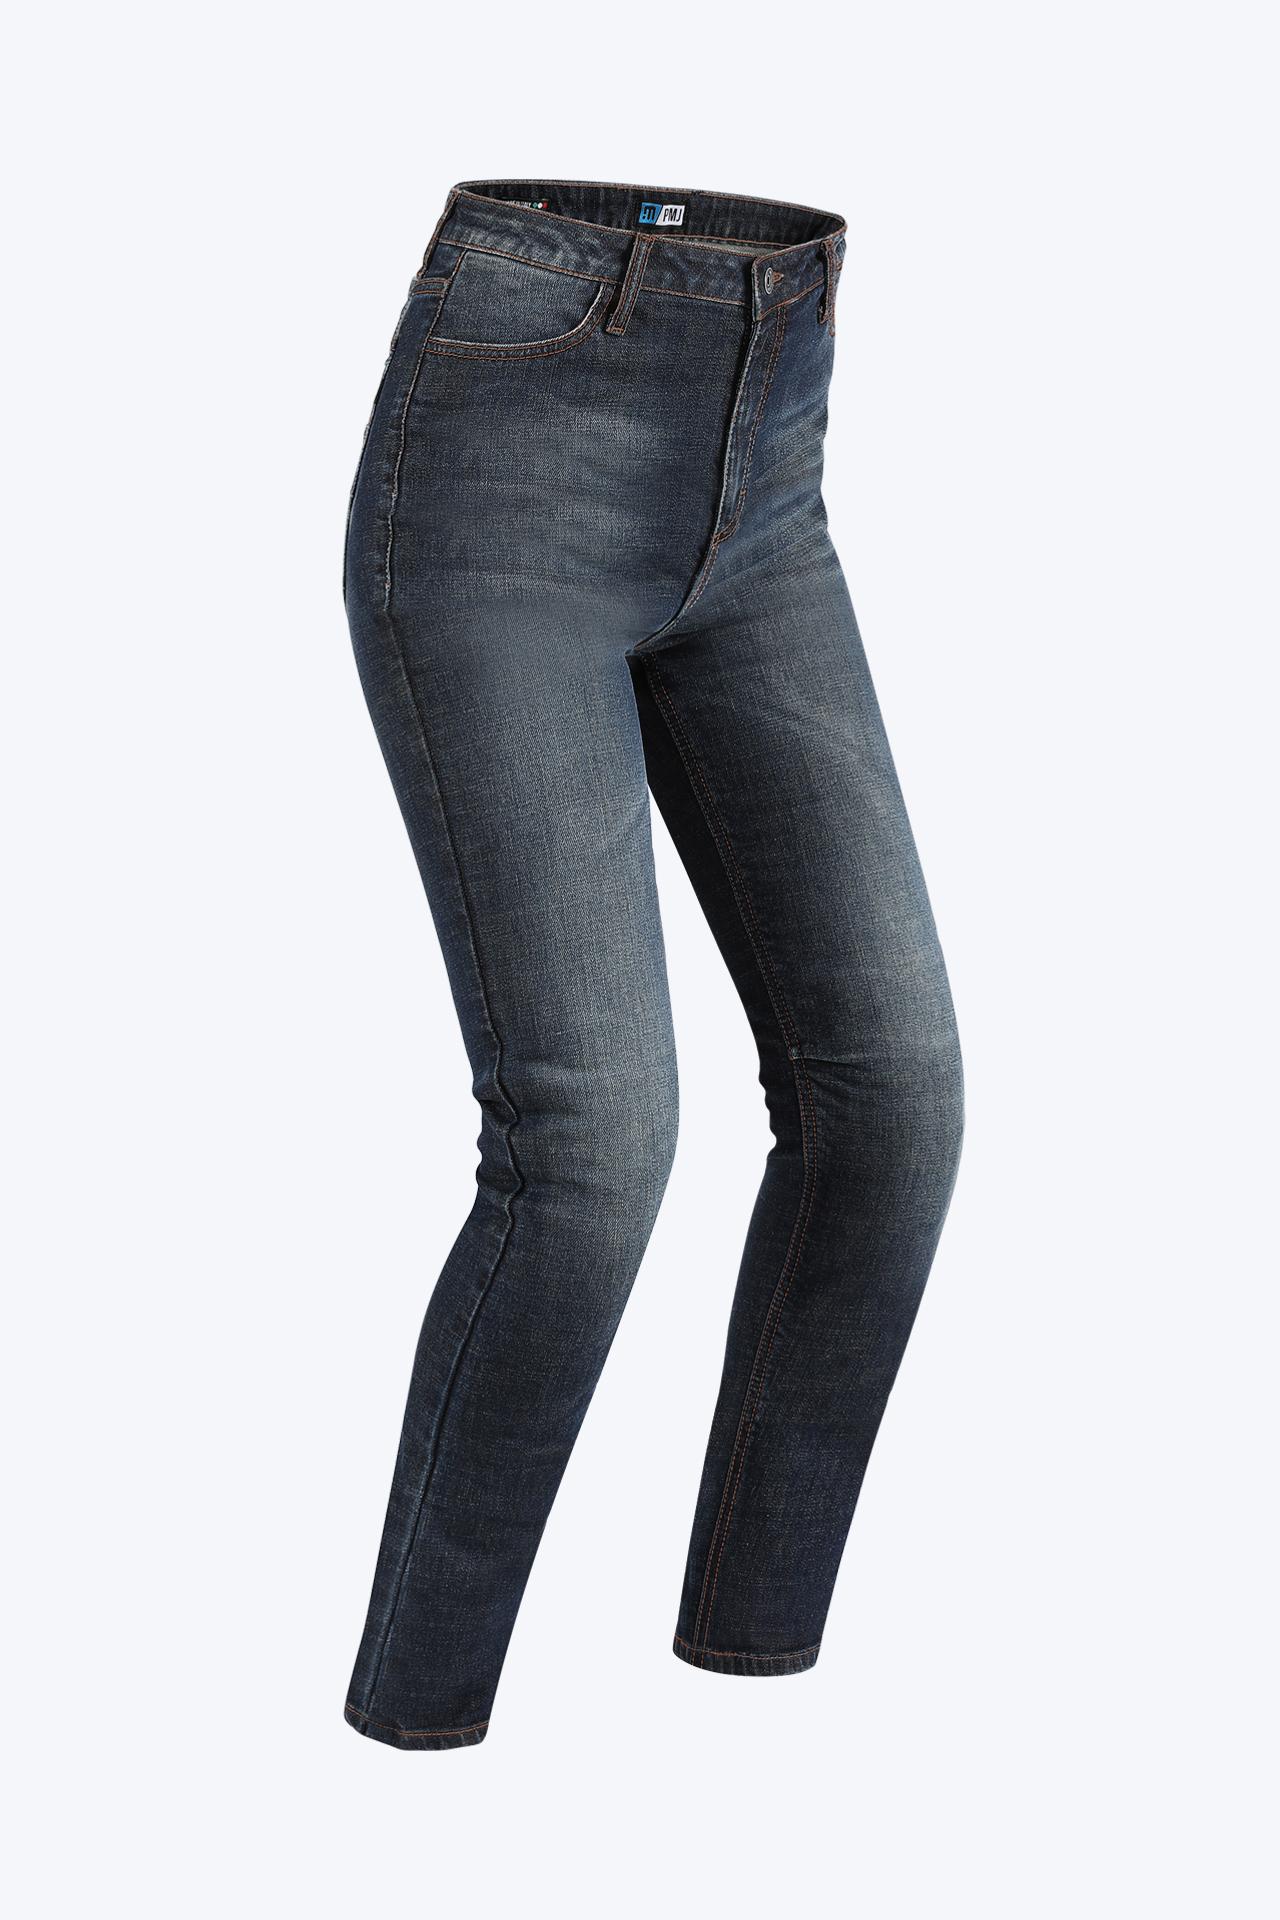 PMJ Sara Lady Denim  Motorcycle Jeans 34